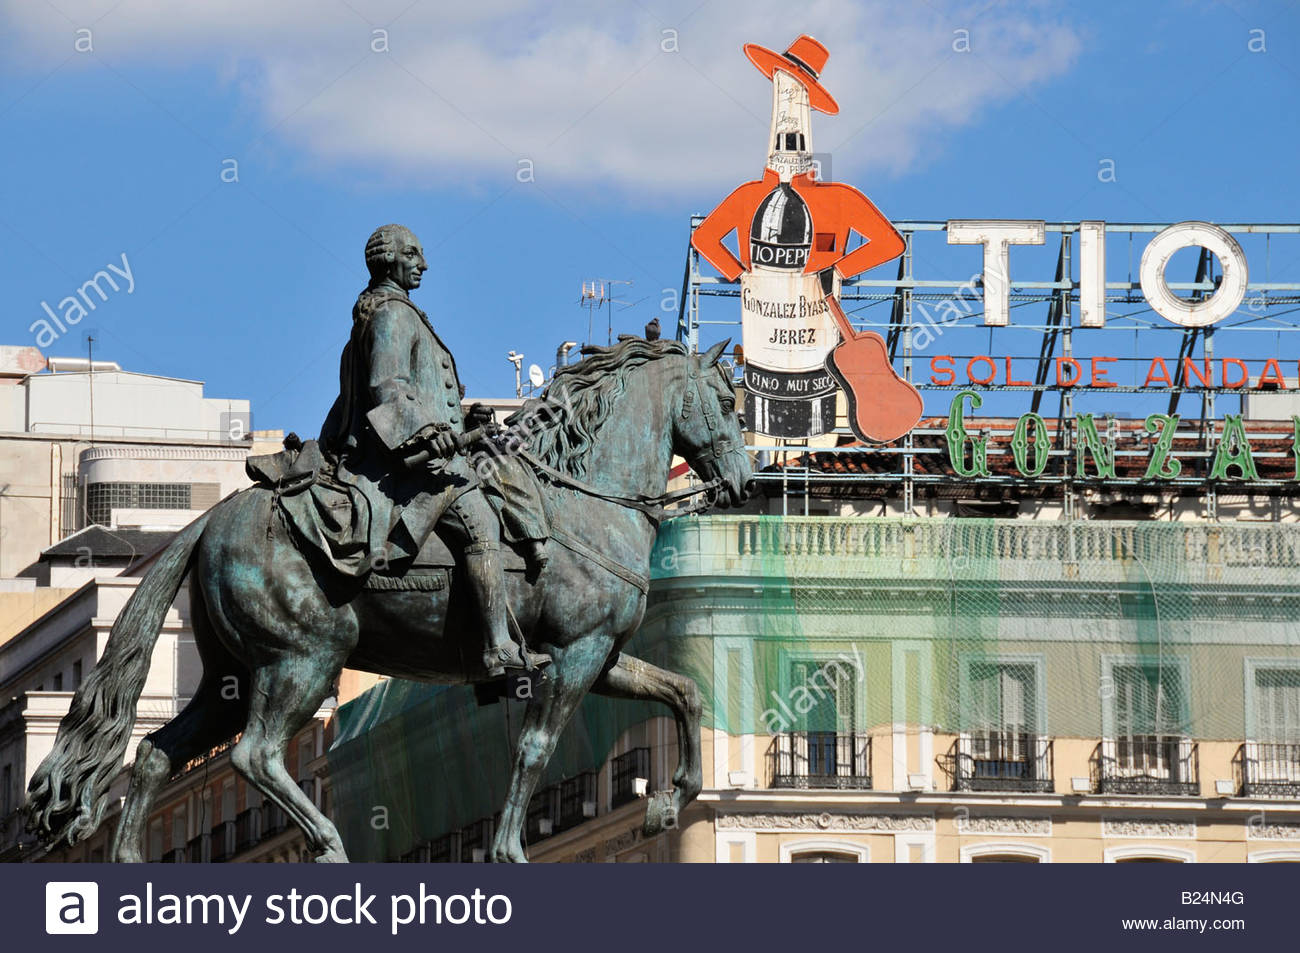 Dos famosos monumentos de Madrid en la Puerta del Sol, el anuncio de Tío Pepe y la estatua ecuestre del rey Imagen De Stock